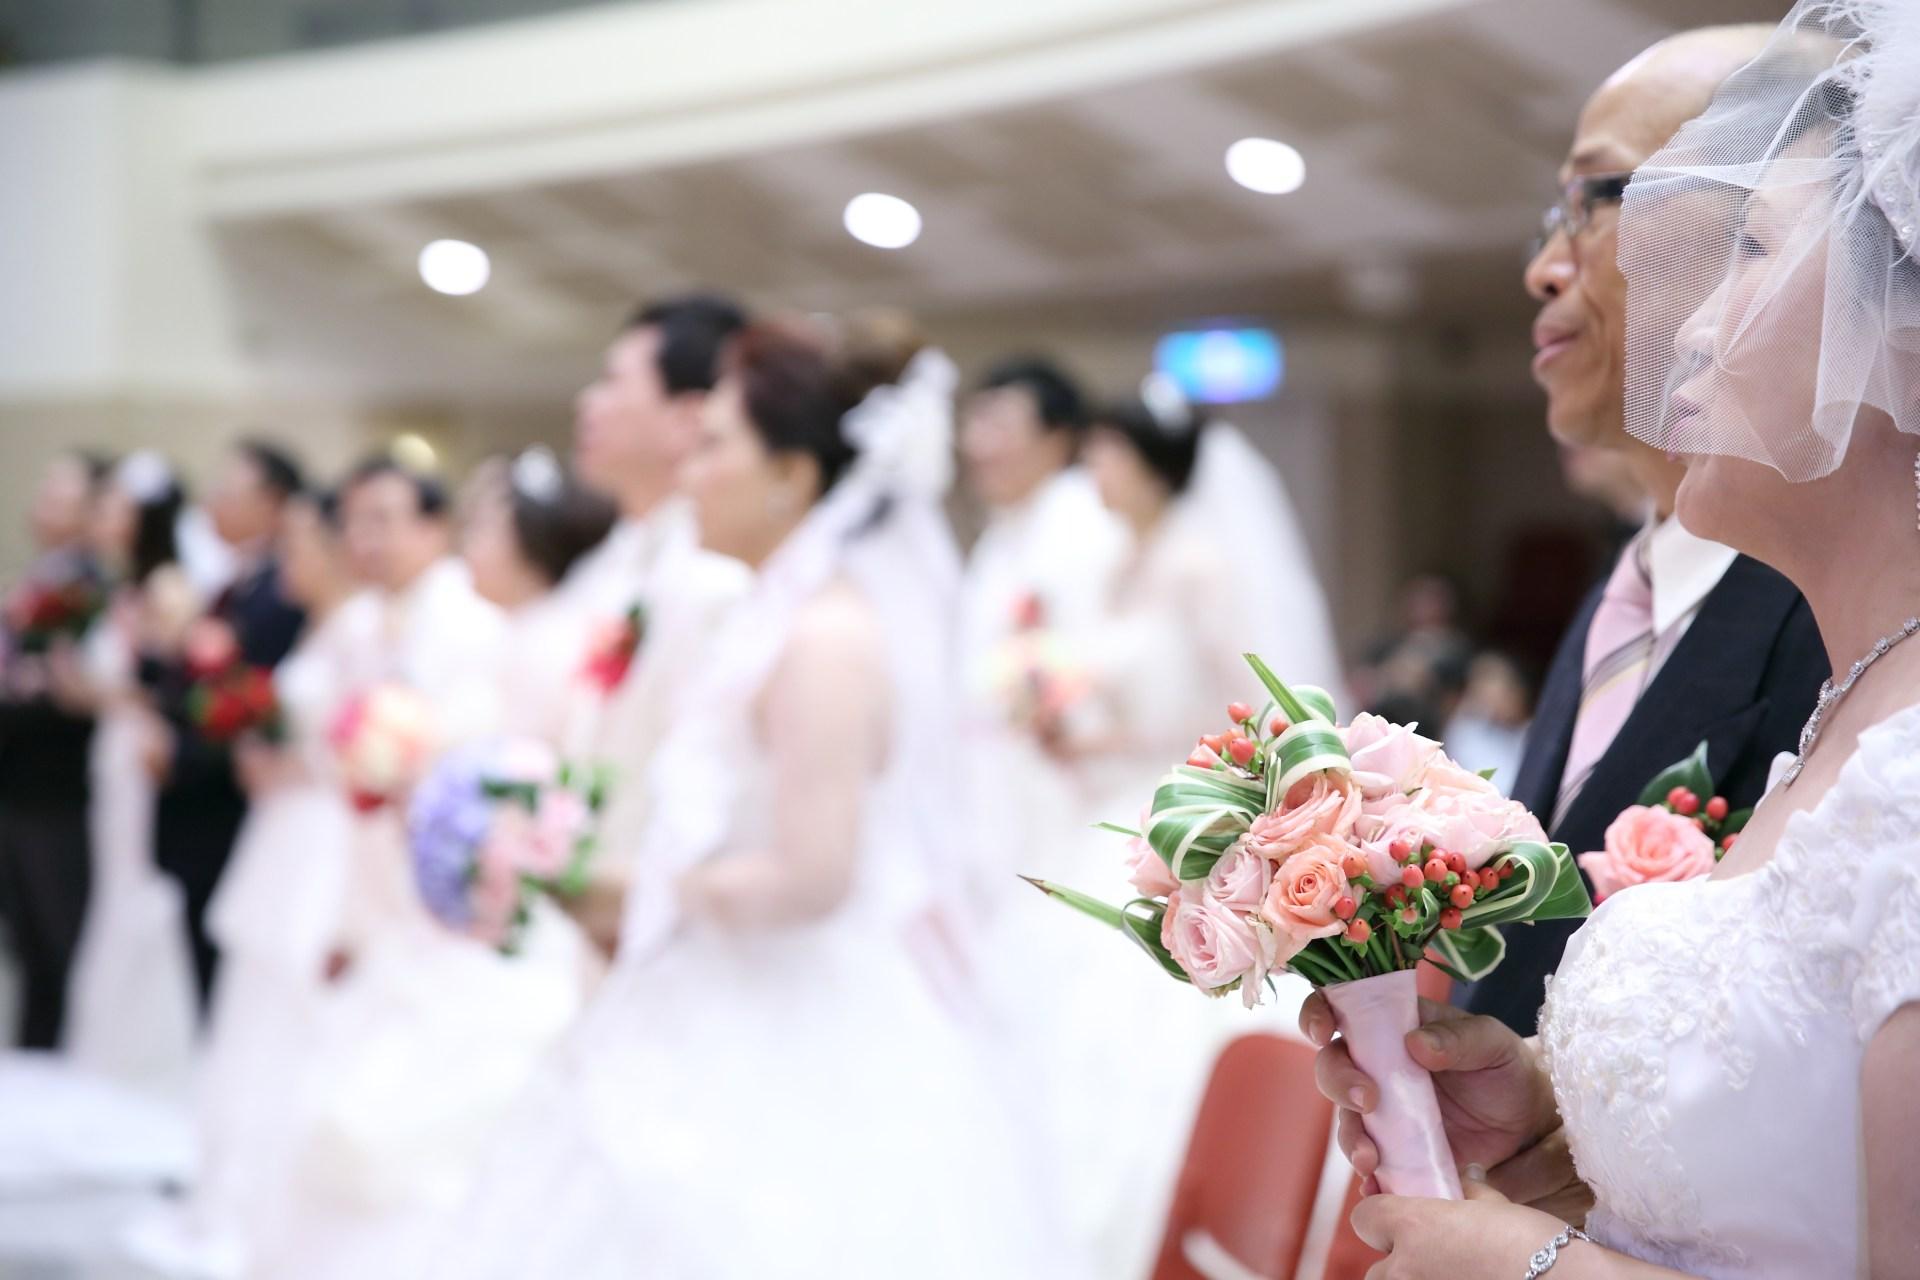 婚禮攝影價格與費用,婚禮攝影推薦ptt,婚禮攝影價格,婚攝推薦,婚攝ptt,婚攝